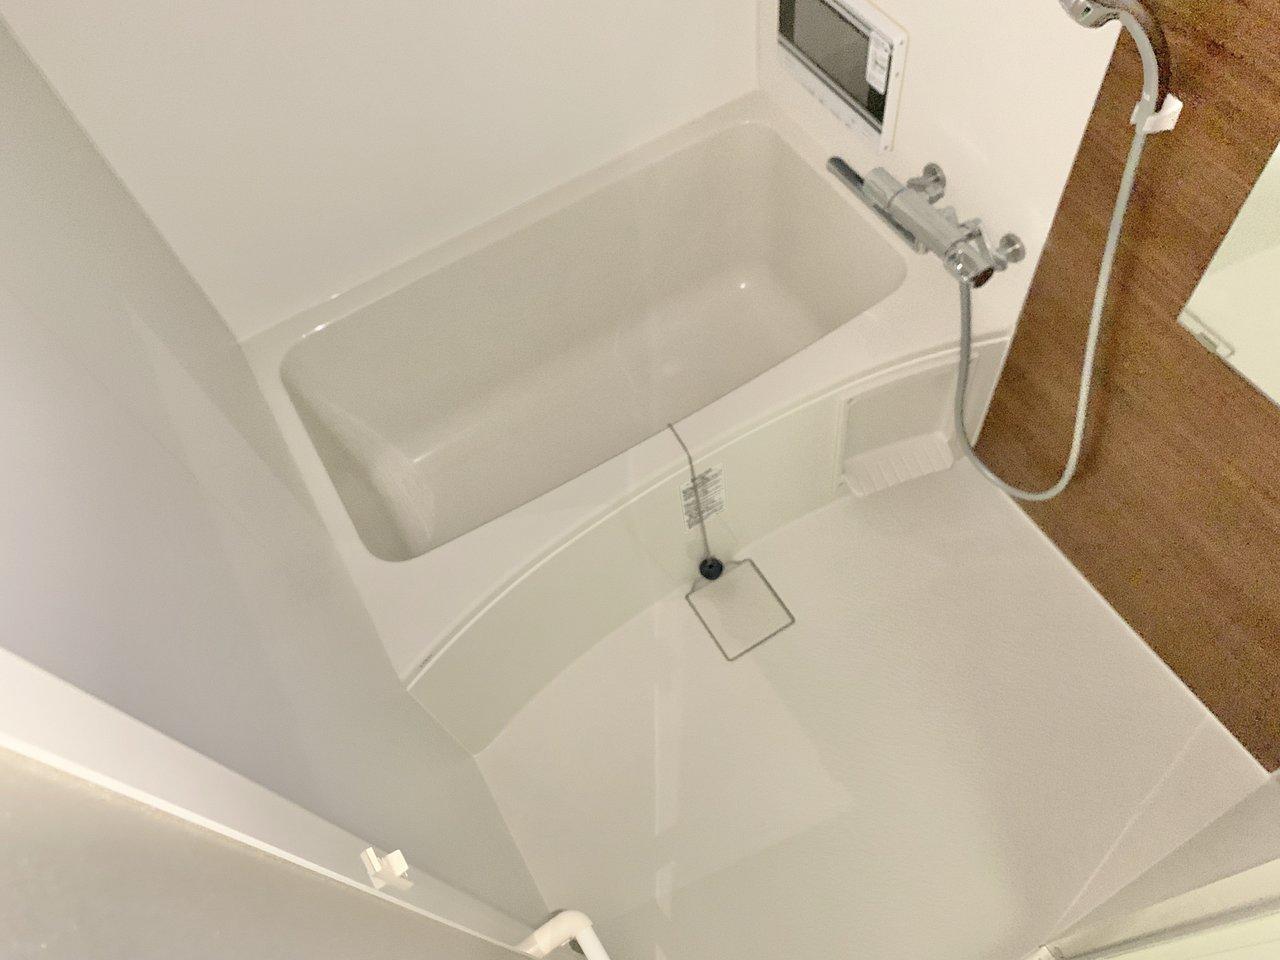 小さなお部屋だけど、ガス2口のキッチン、独立洗面台など設備も充実。きわめつけは、テレビつきのお風呂です!ゆっくり、疲れを癒せそう。